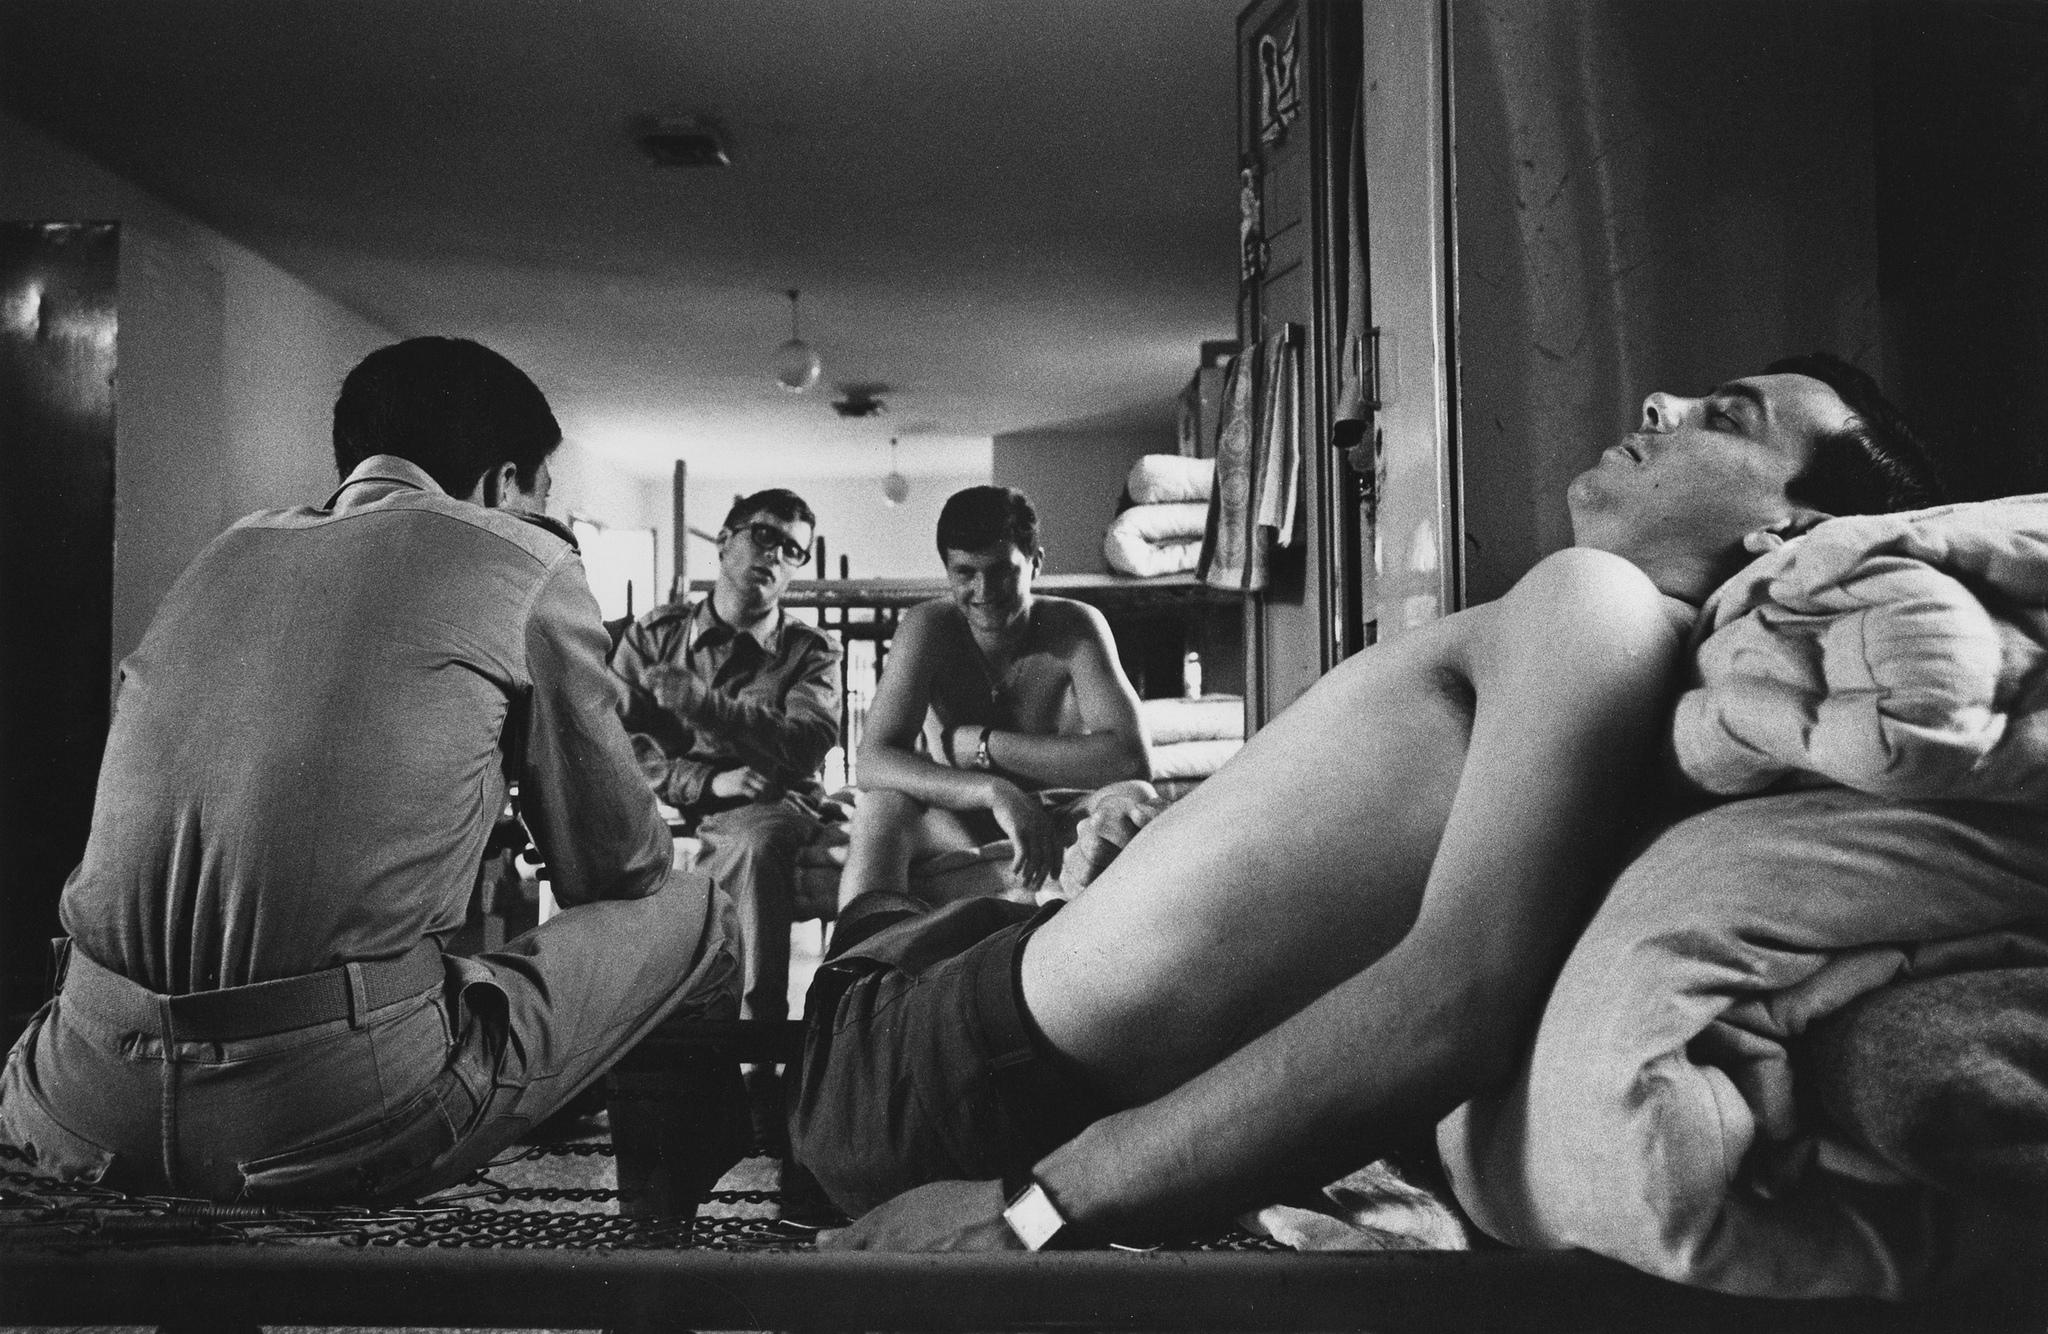 Nel dormitorio della caserma dell'aviazione di Villafranca di Verona, 1968